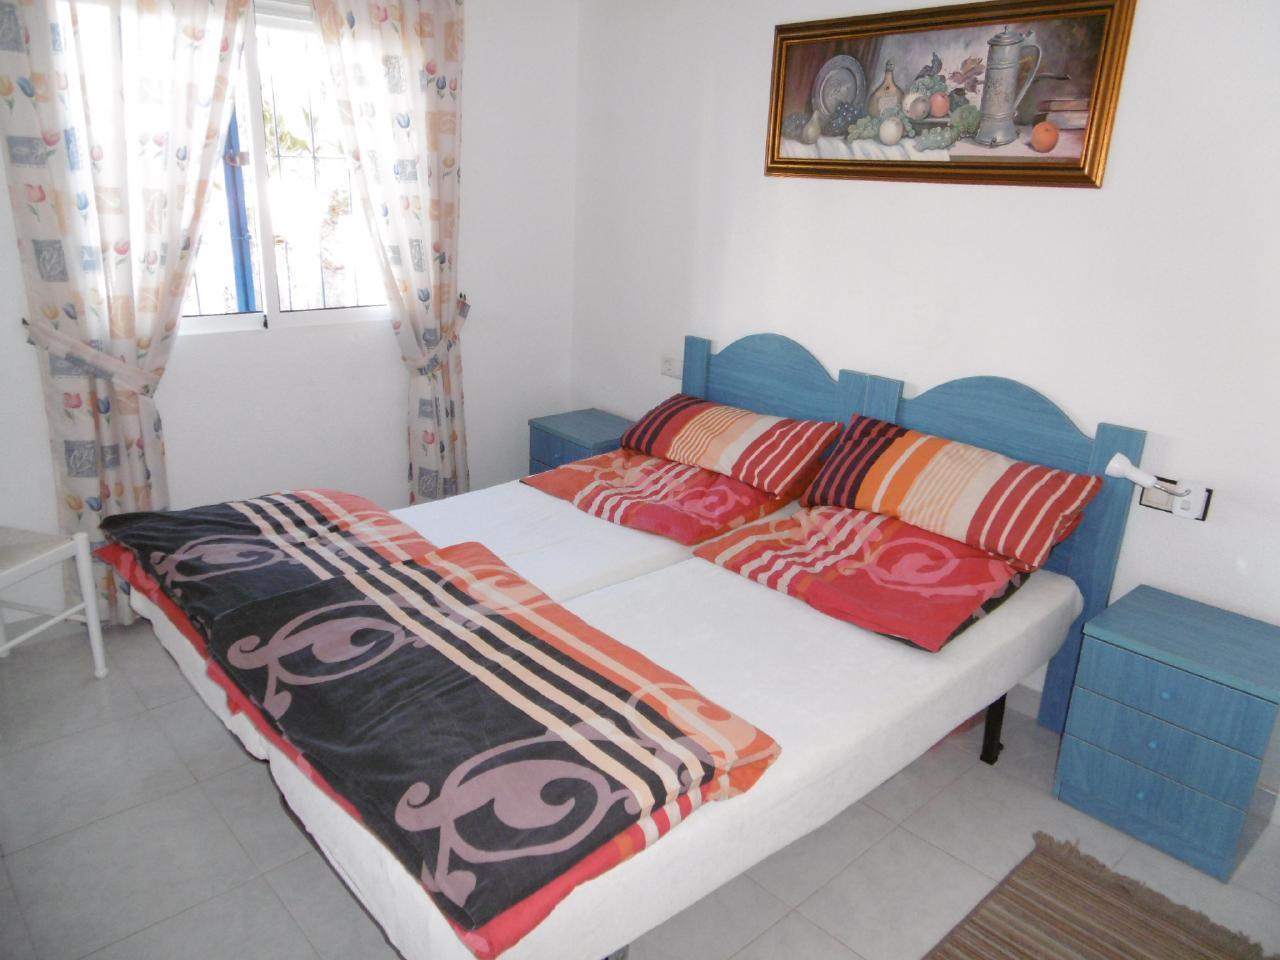 Ferienwohnung 4 Personen 62qm Costa Blanca (118835), Orihuela-Costa, Costa Blanca, Valencia, Spanien, Bild 4